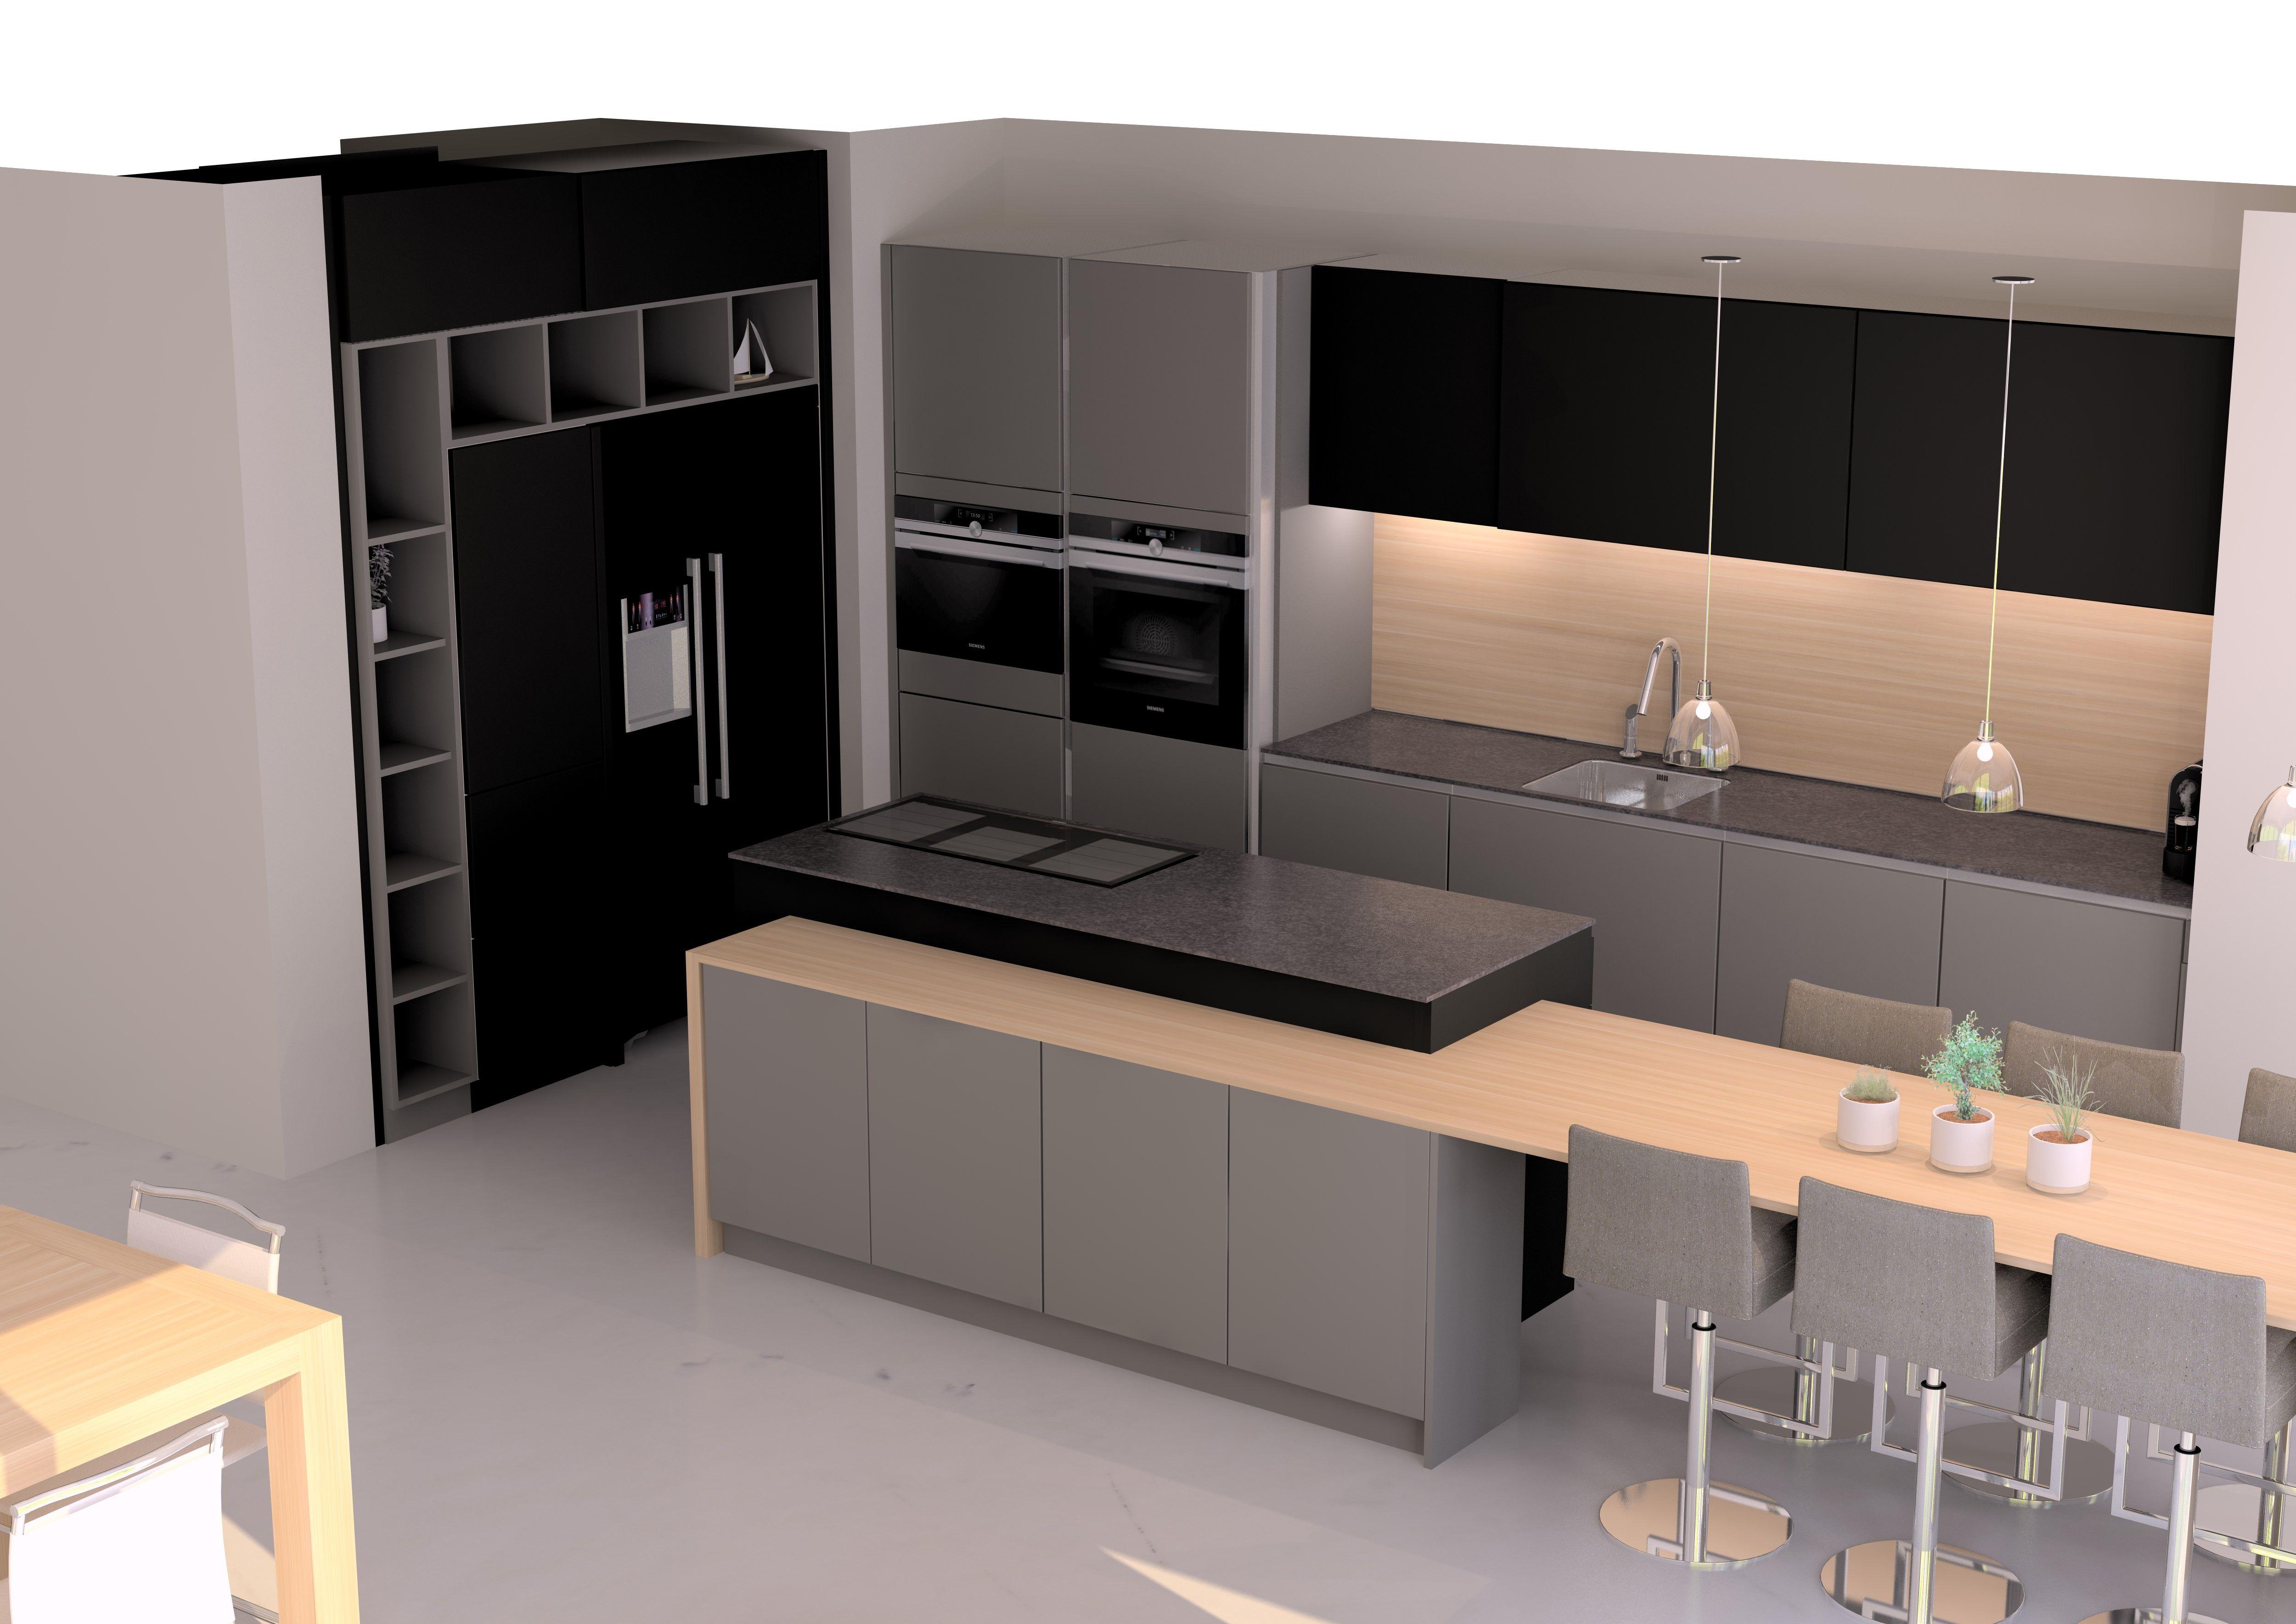 cuisine design en laque grise et noire sans poign es avec. Black Bedroom Furniture Sets. Home Design Ideas